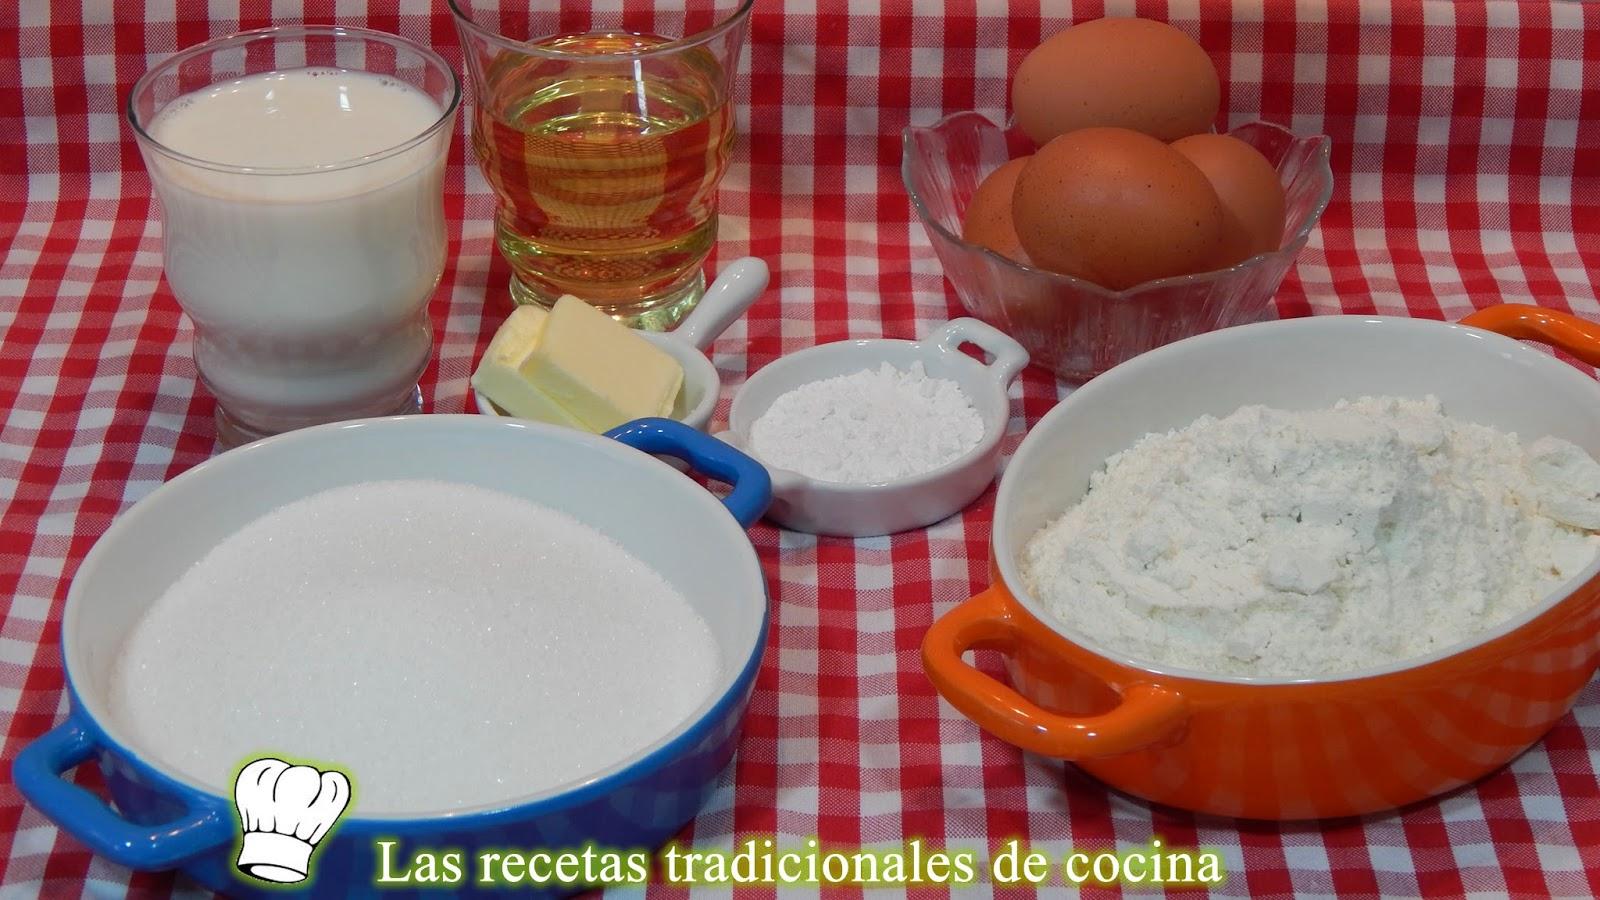 Receta fácil de bizcocho tradicional